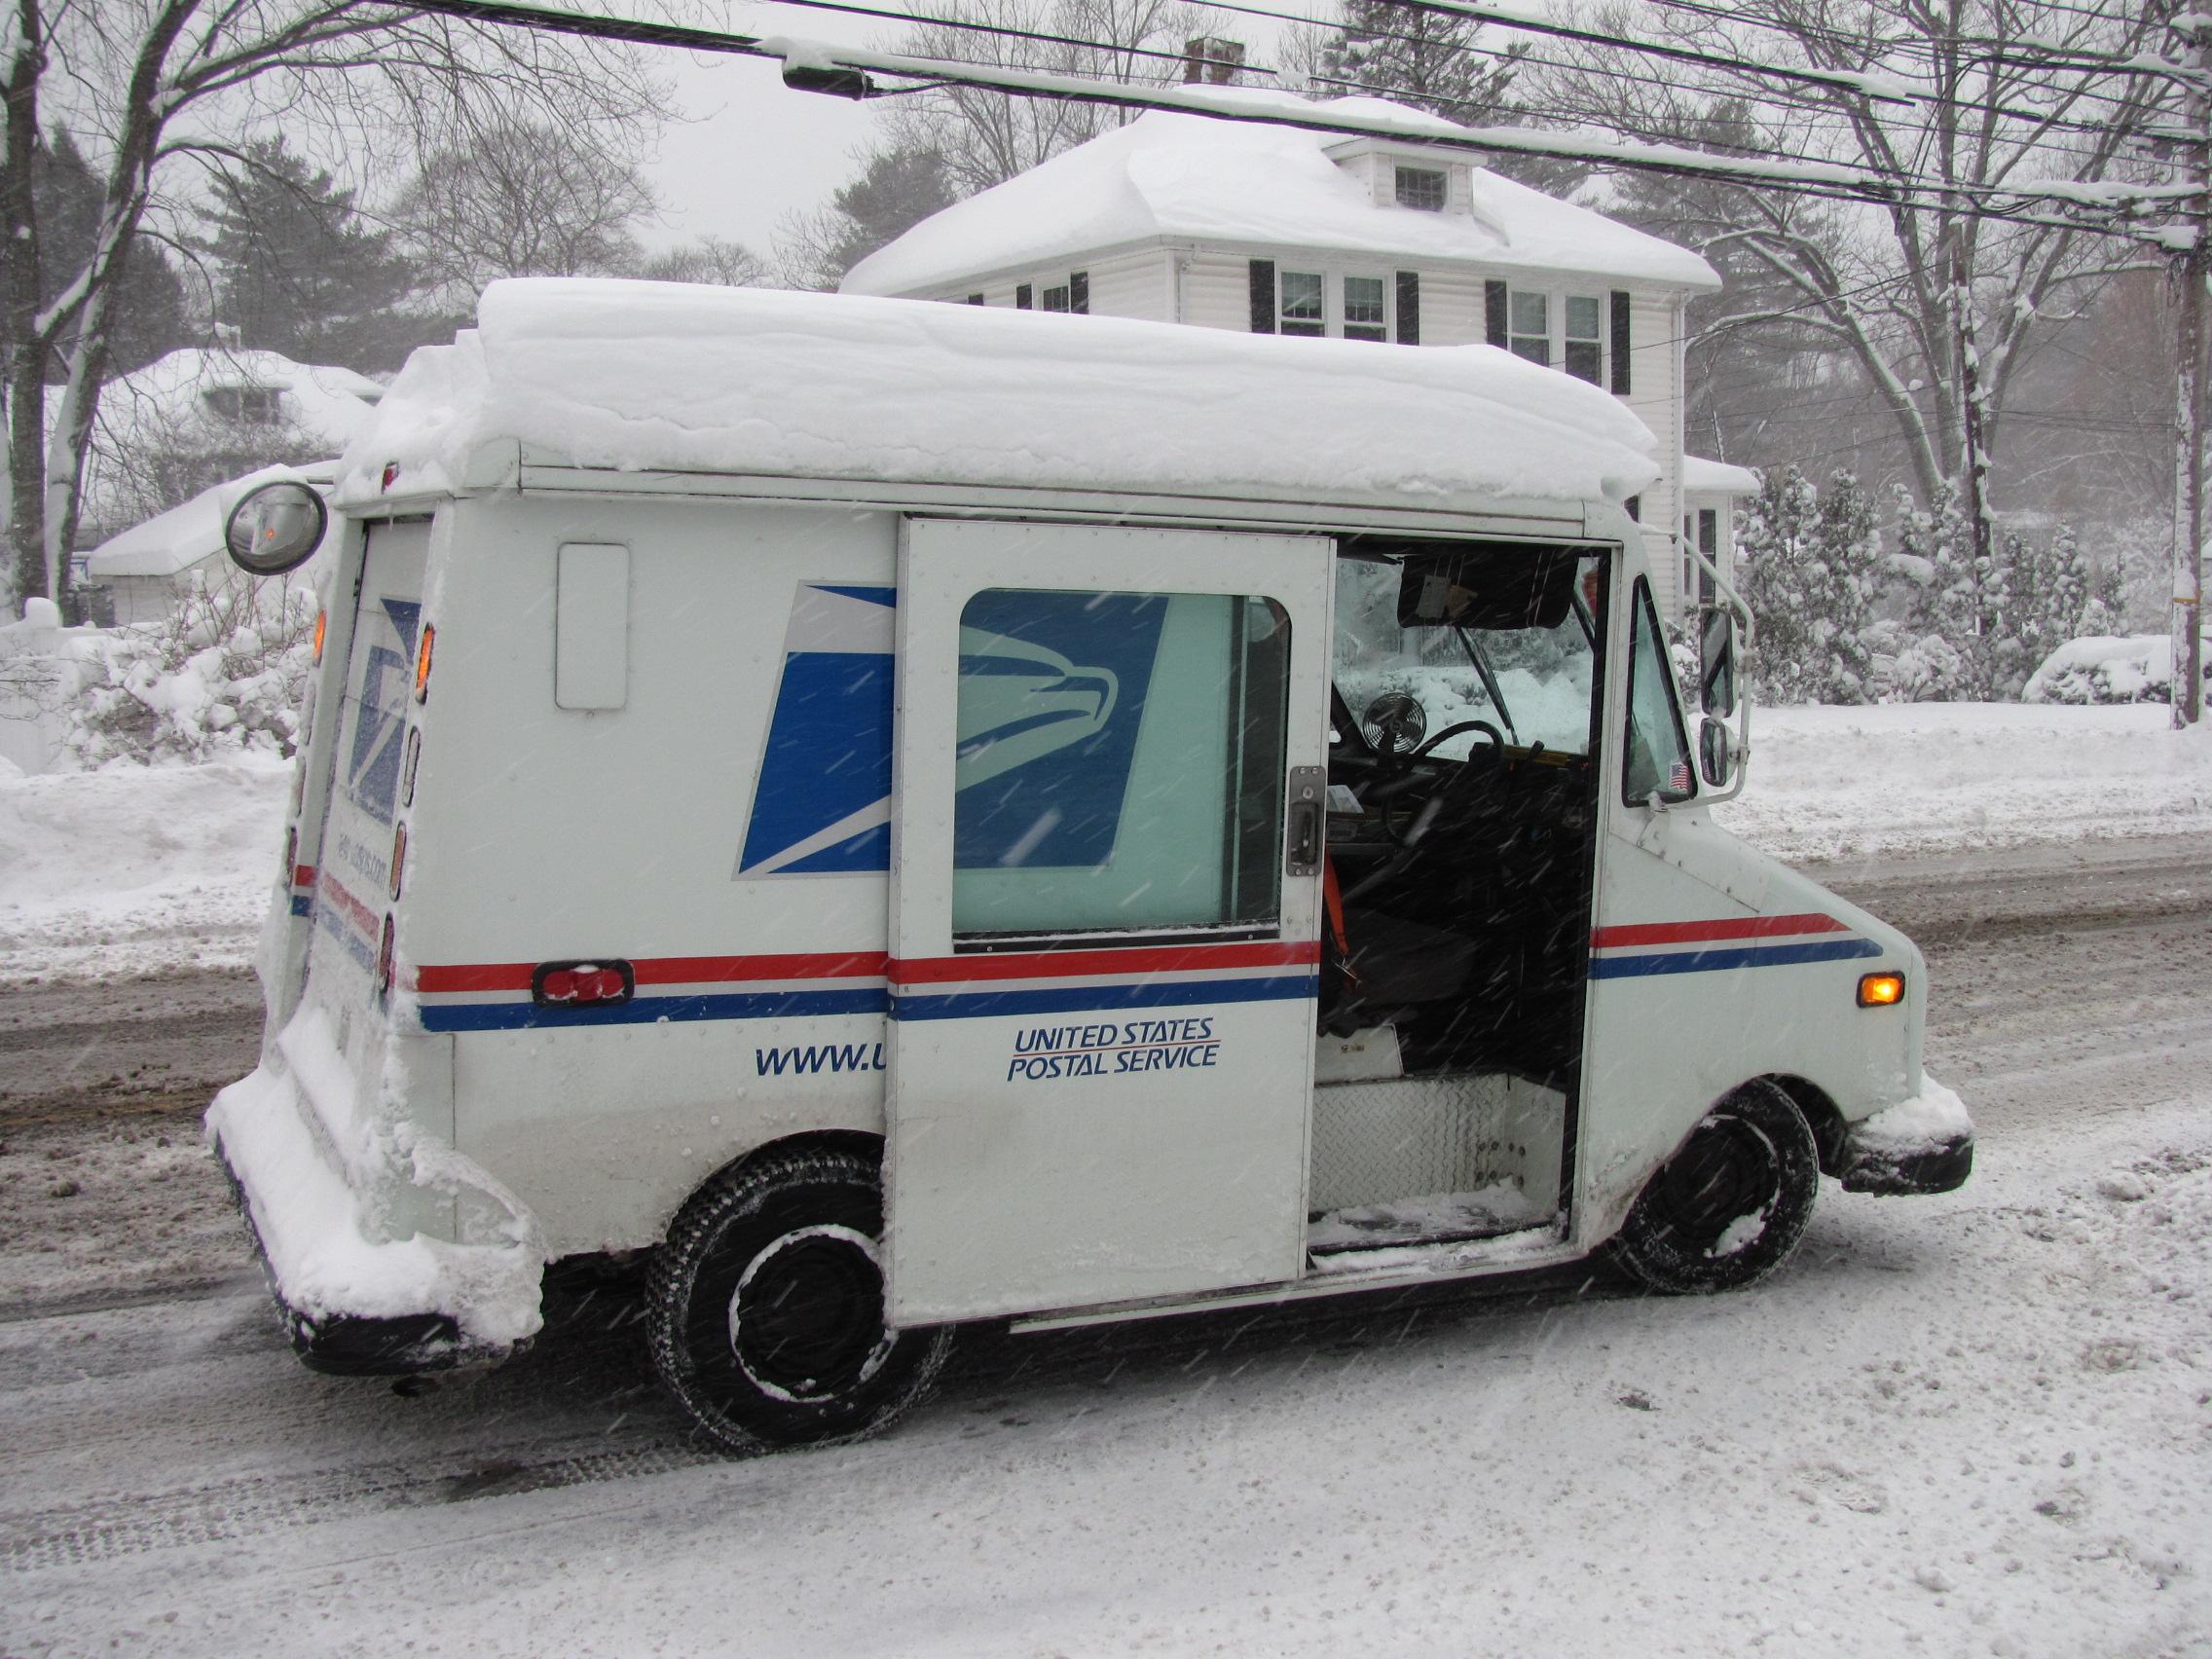 2014_06_USPS_Truck_in_Winter_Lexington_MA